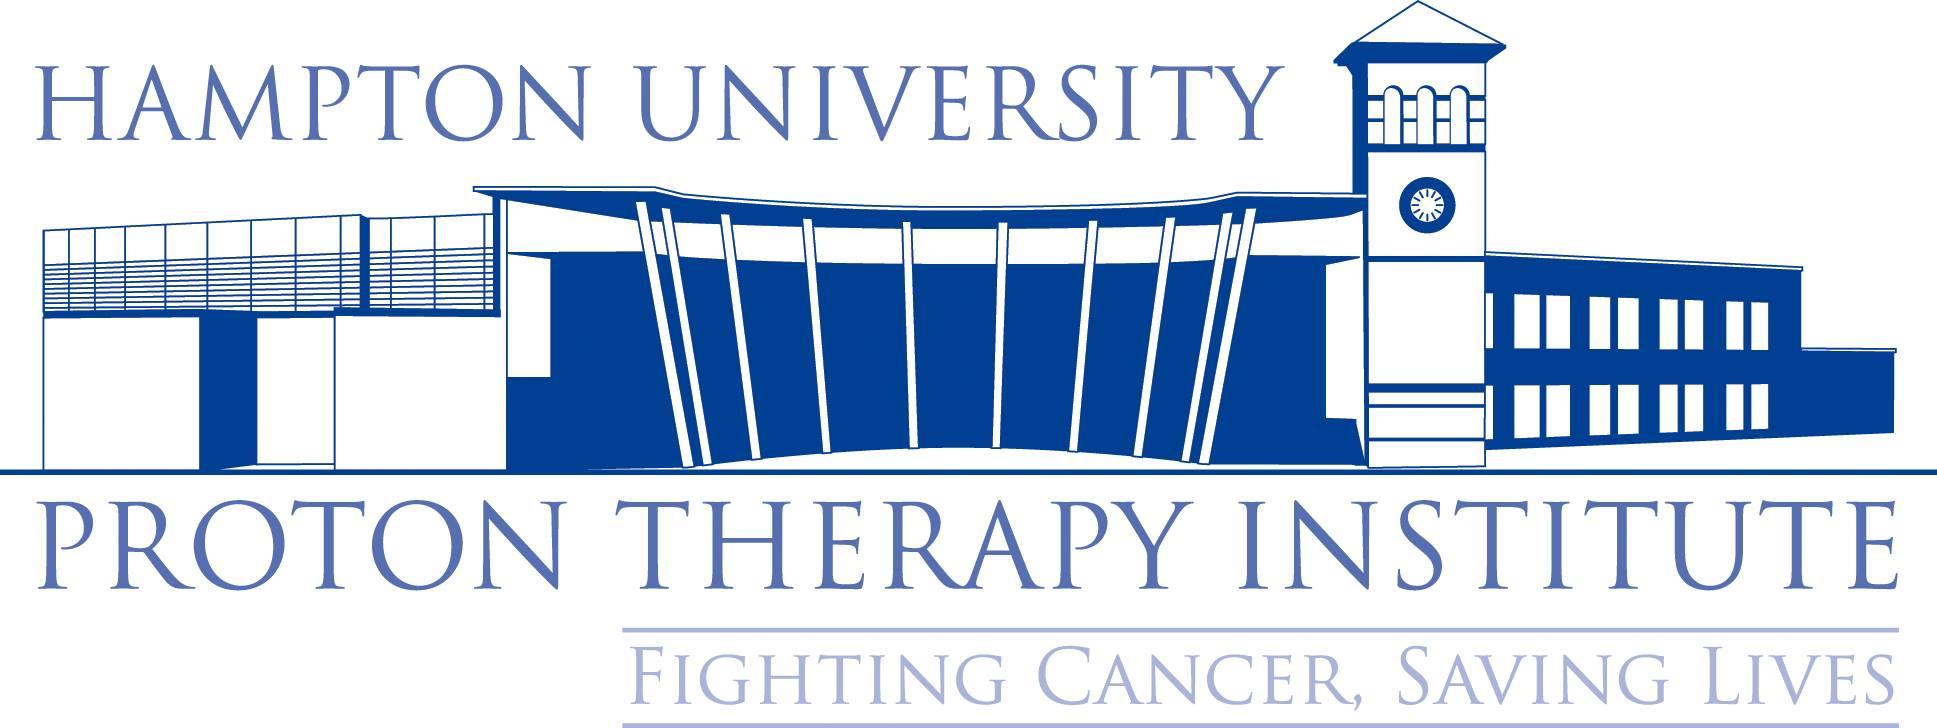 Hampton University Proton Therapy Expert Large